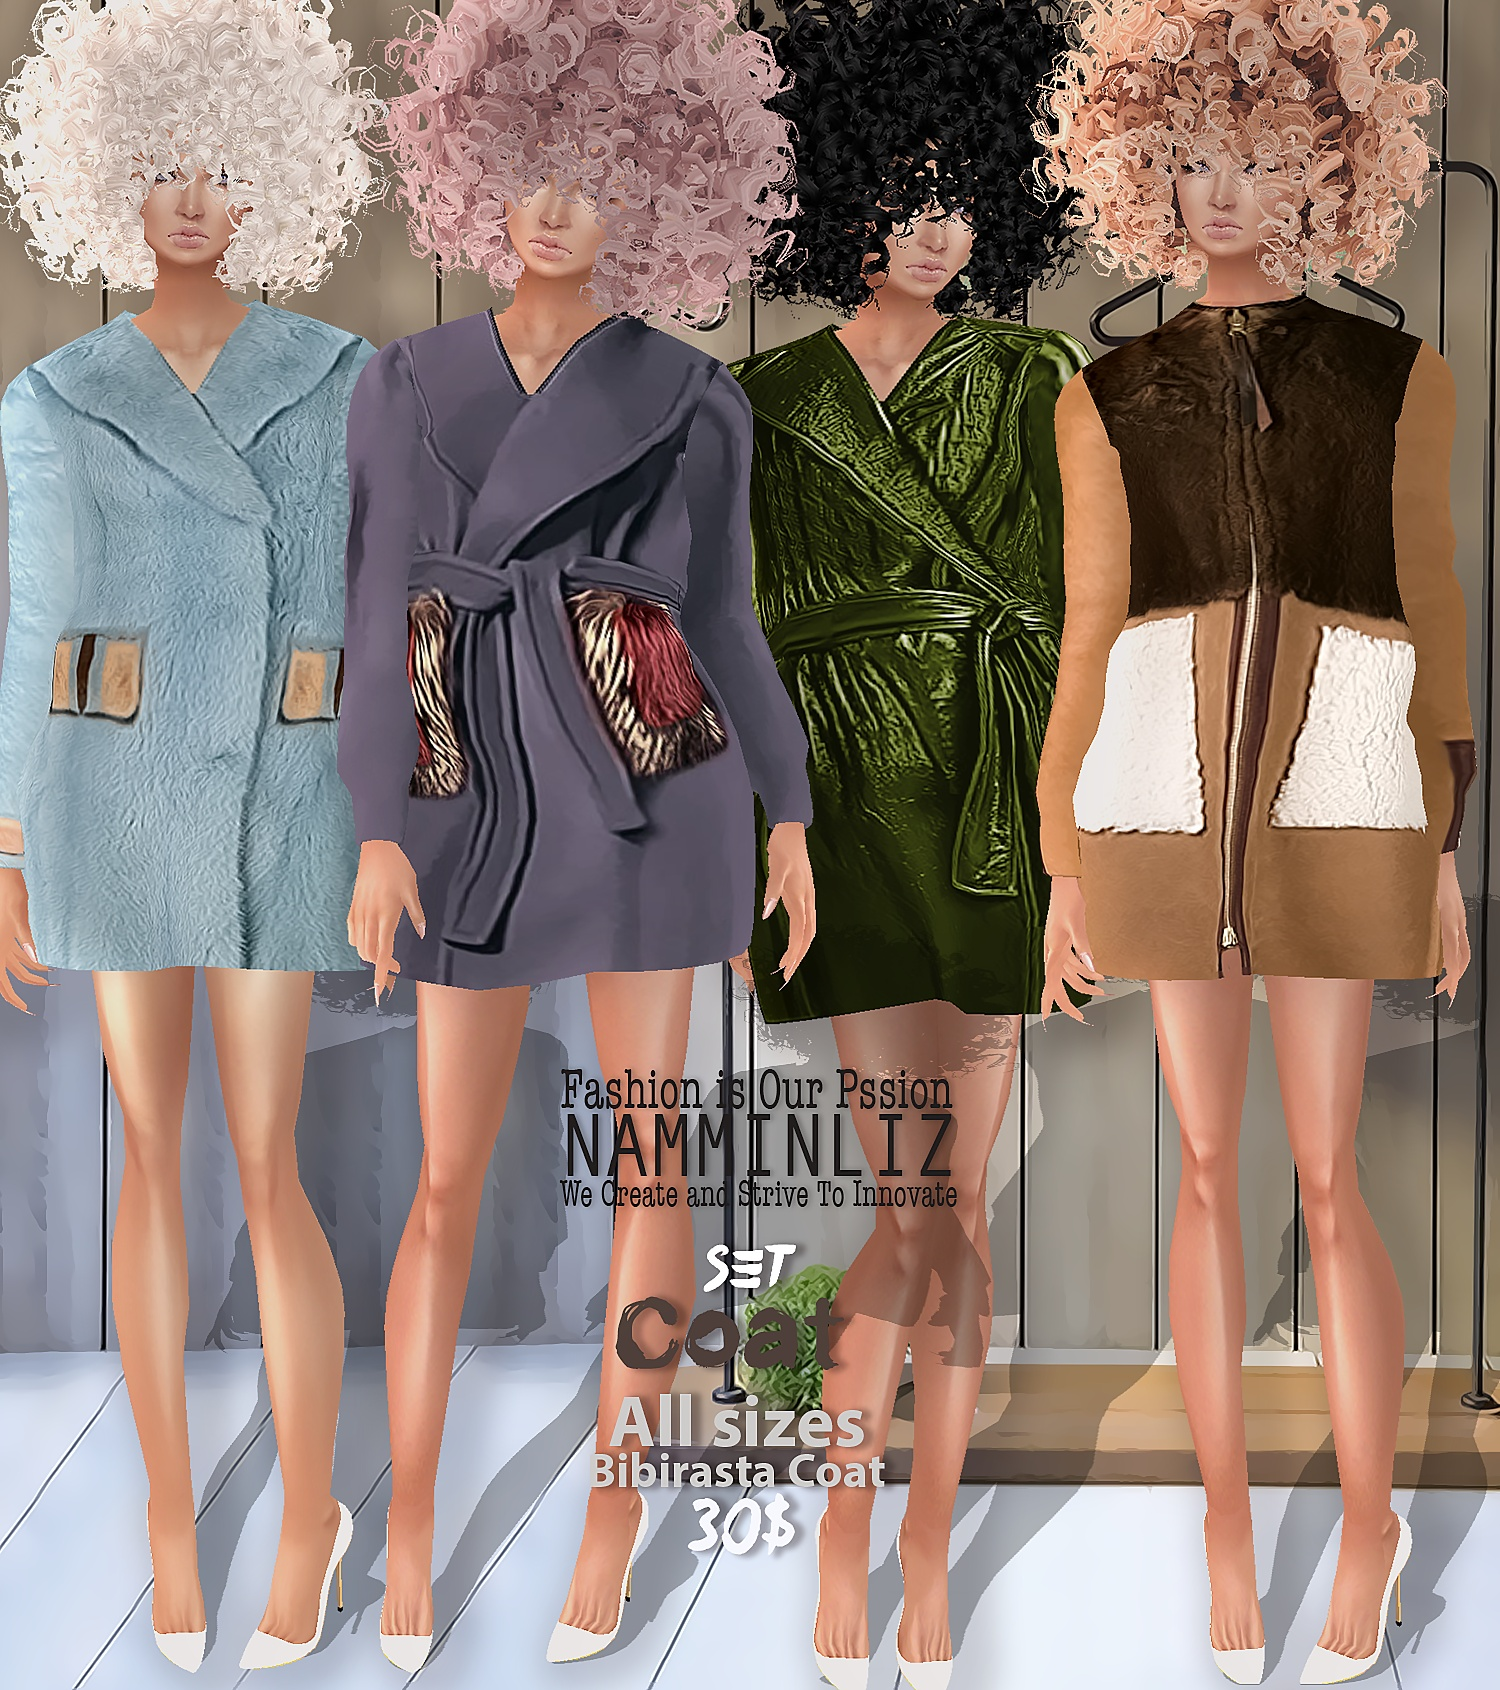 Coat SET1  Bibirasta Coat  All sizes w/ 3 Different colors